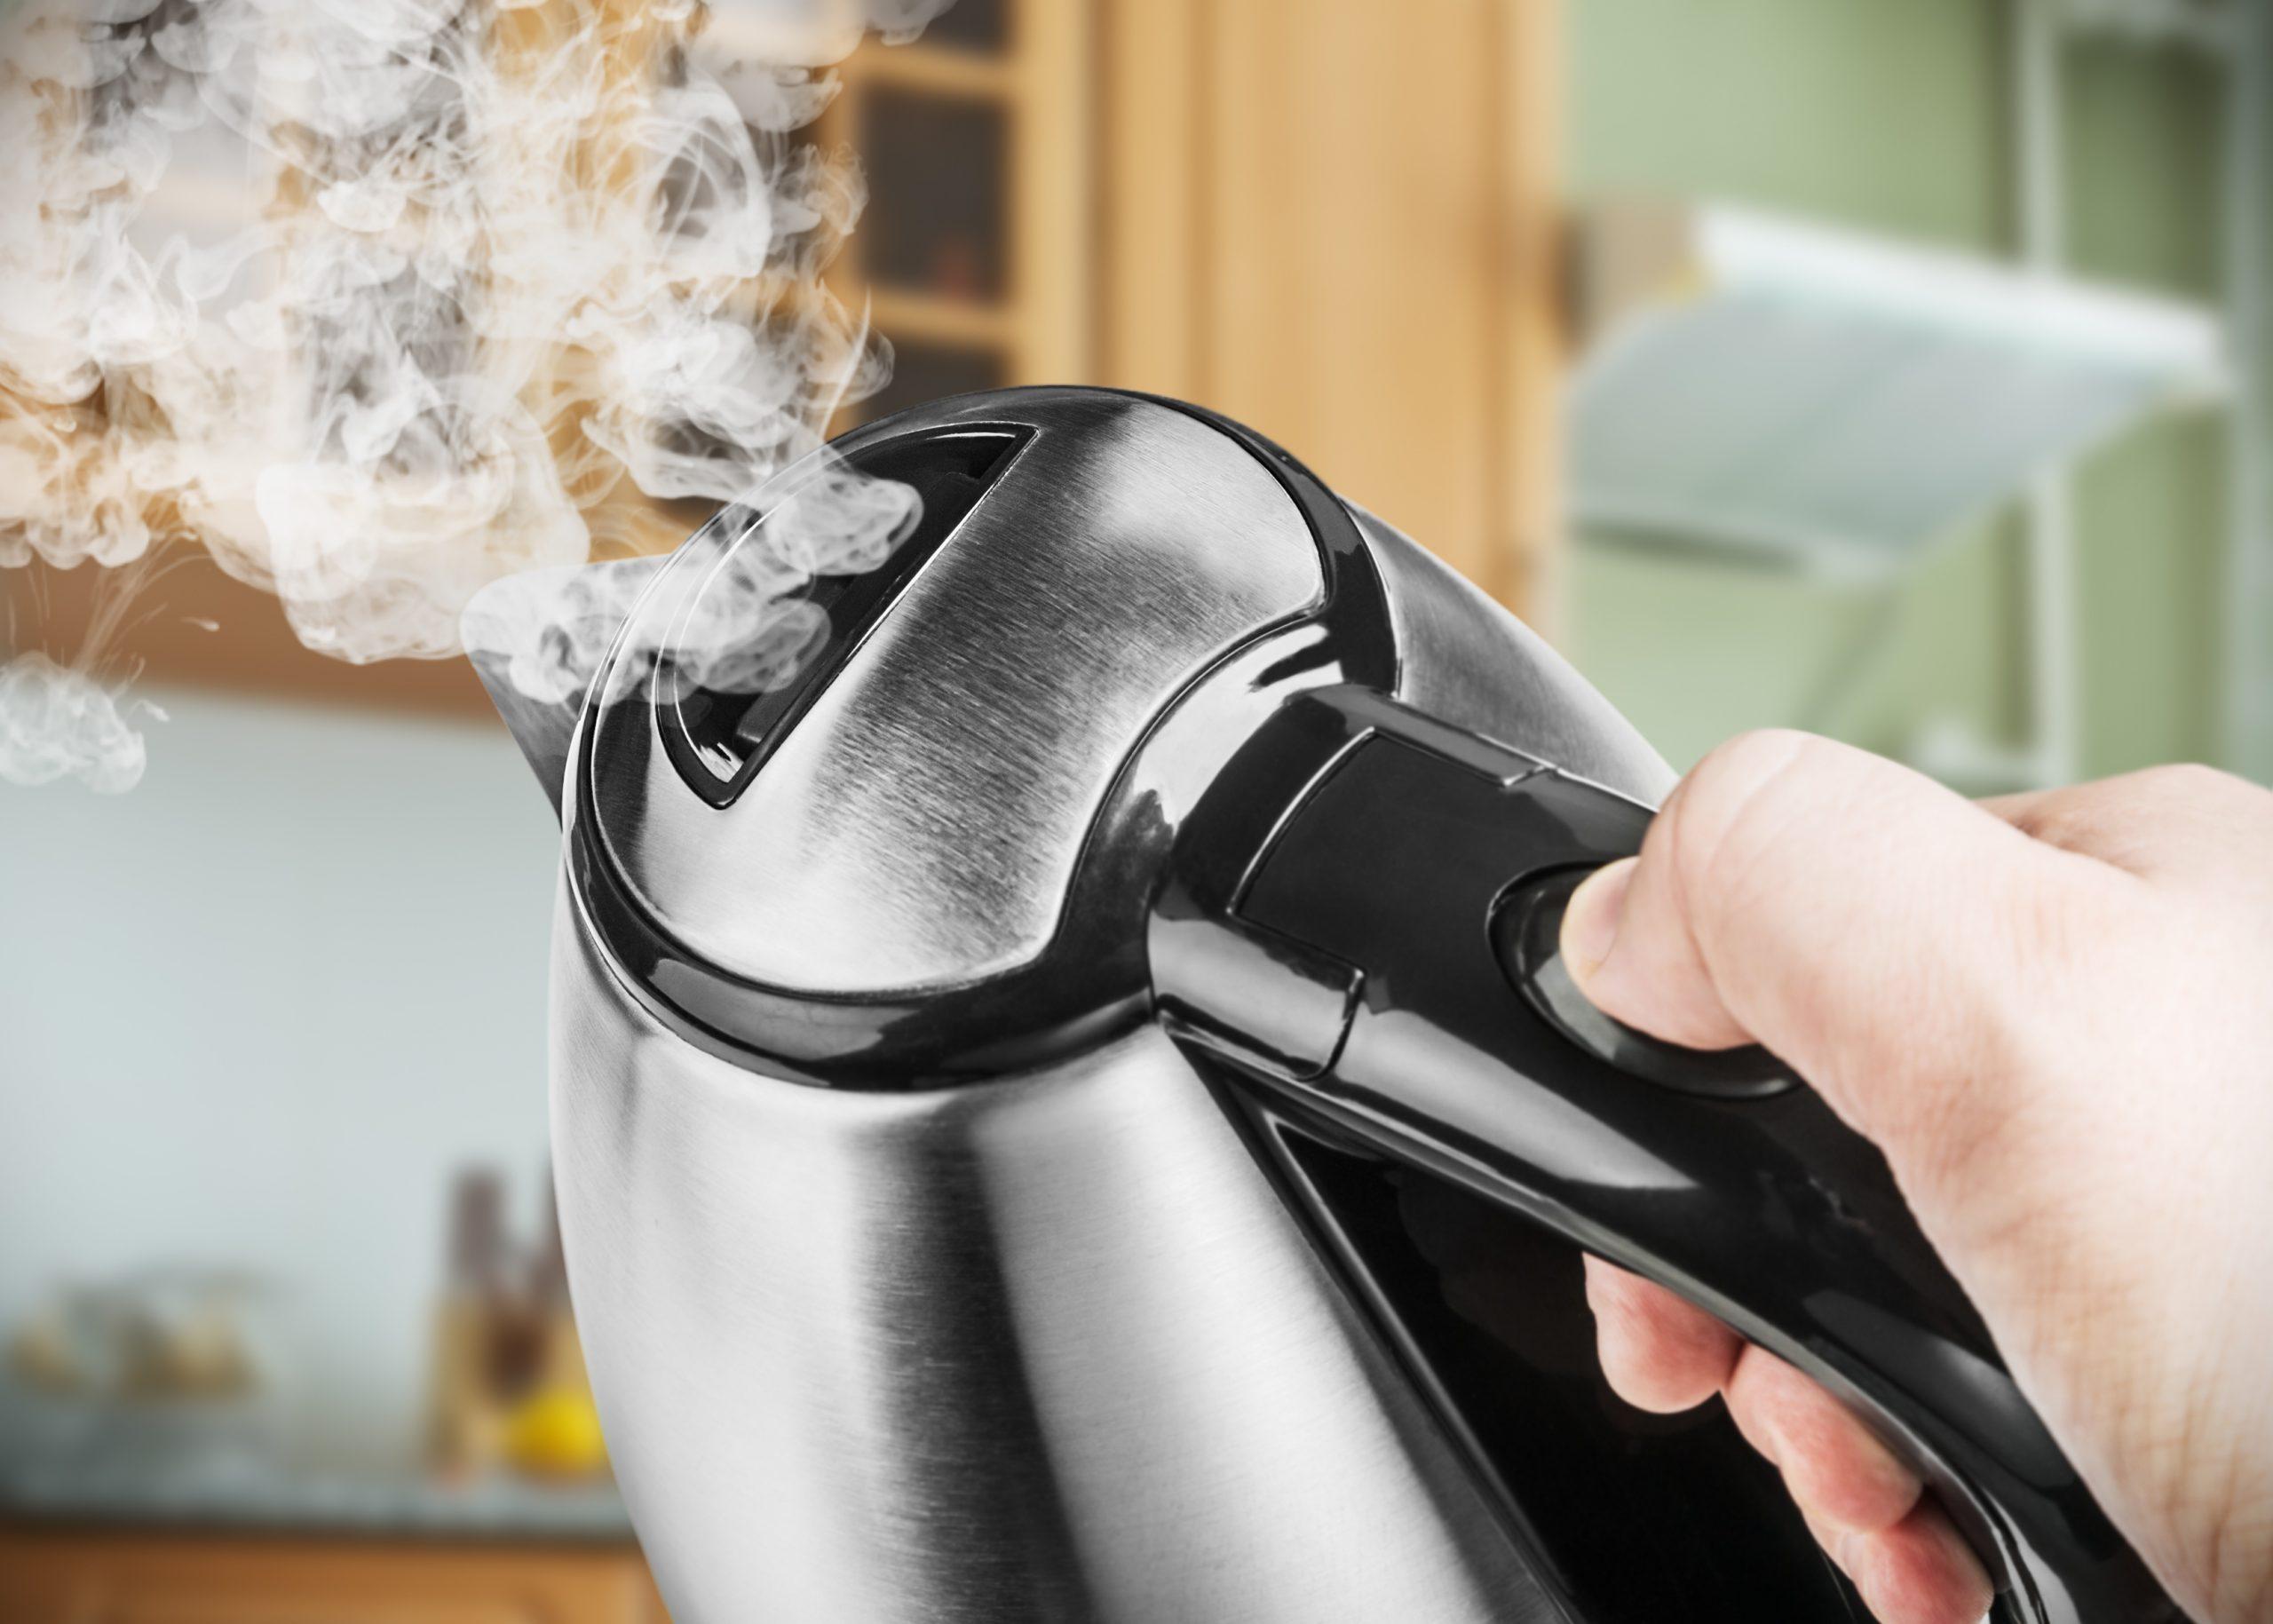 Smeg Wasserkocher: Test & Empfehlungen (08/20)